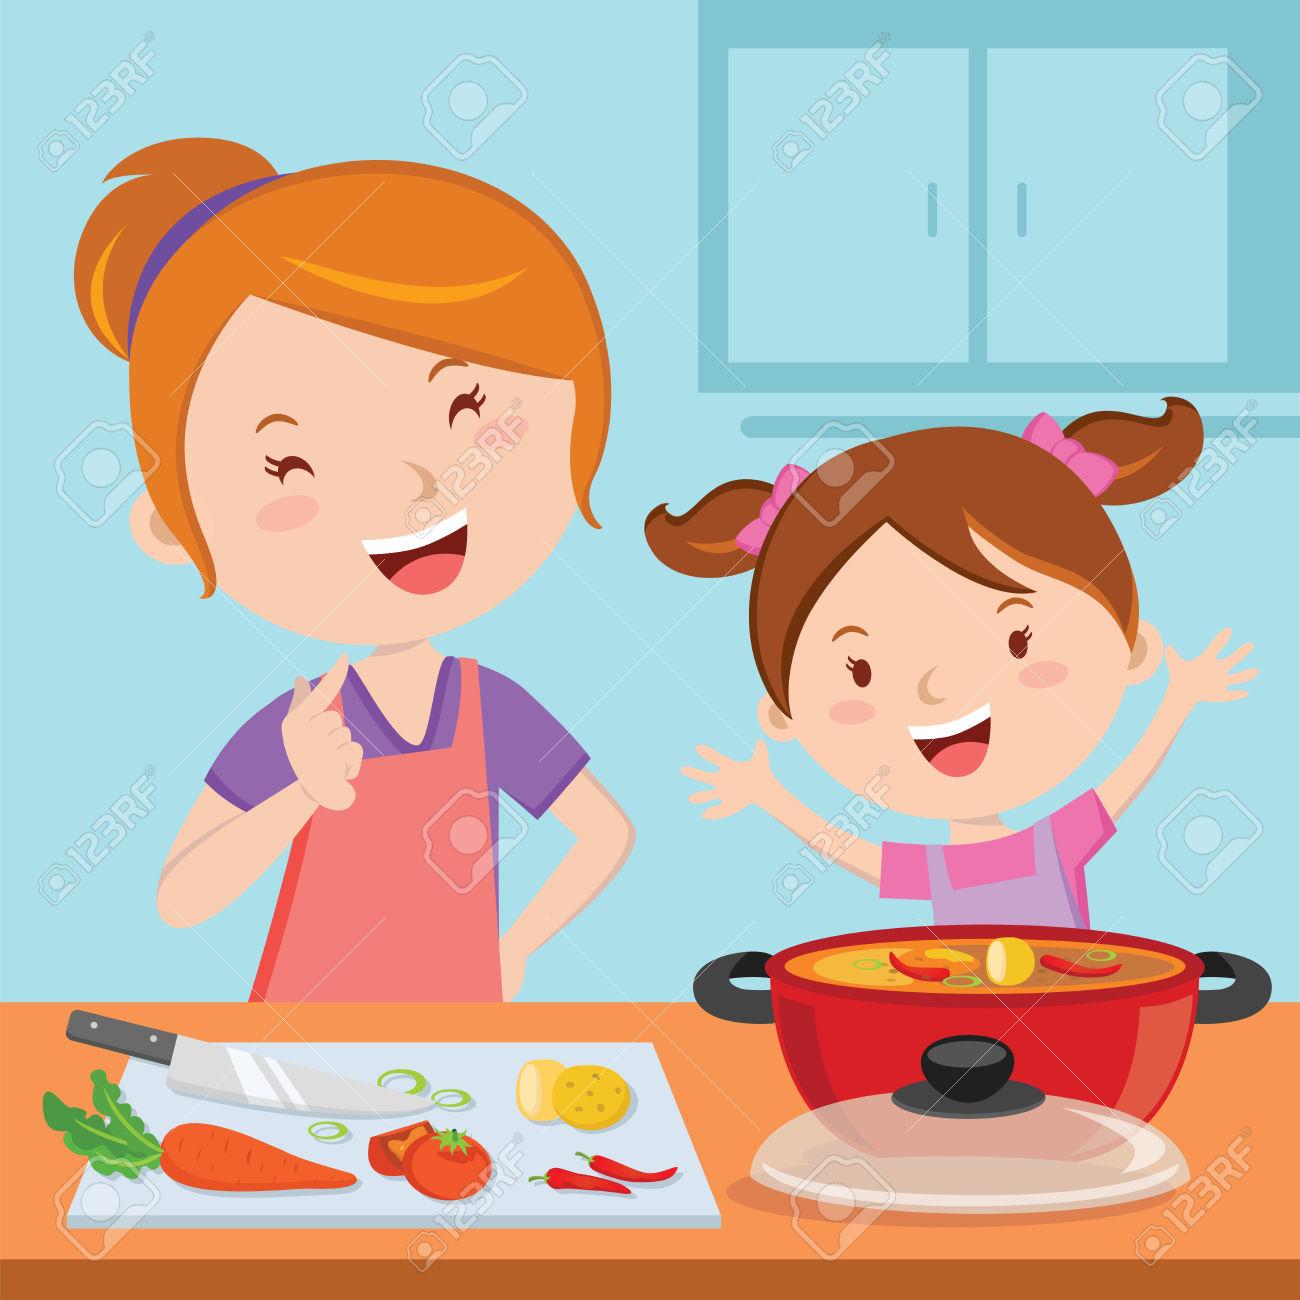 Kitchen clipart boy 213KB dinner kitchen 1300x1300 cartoon: